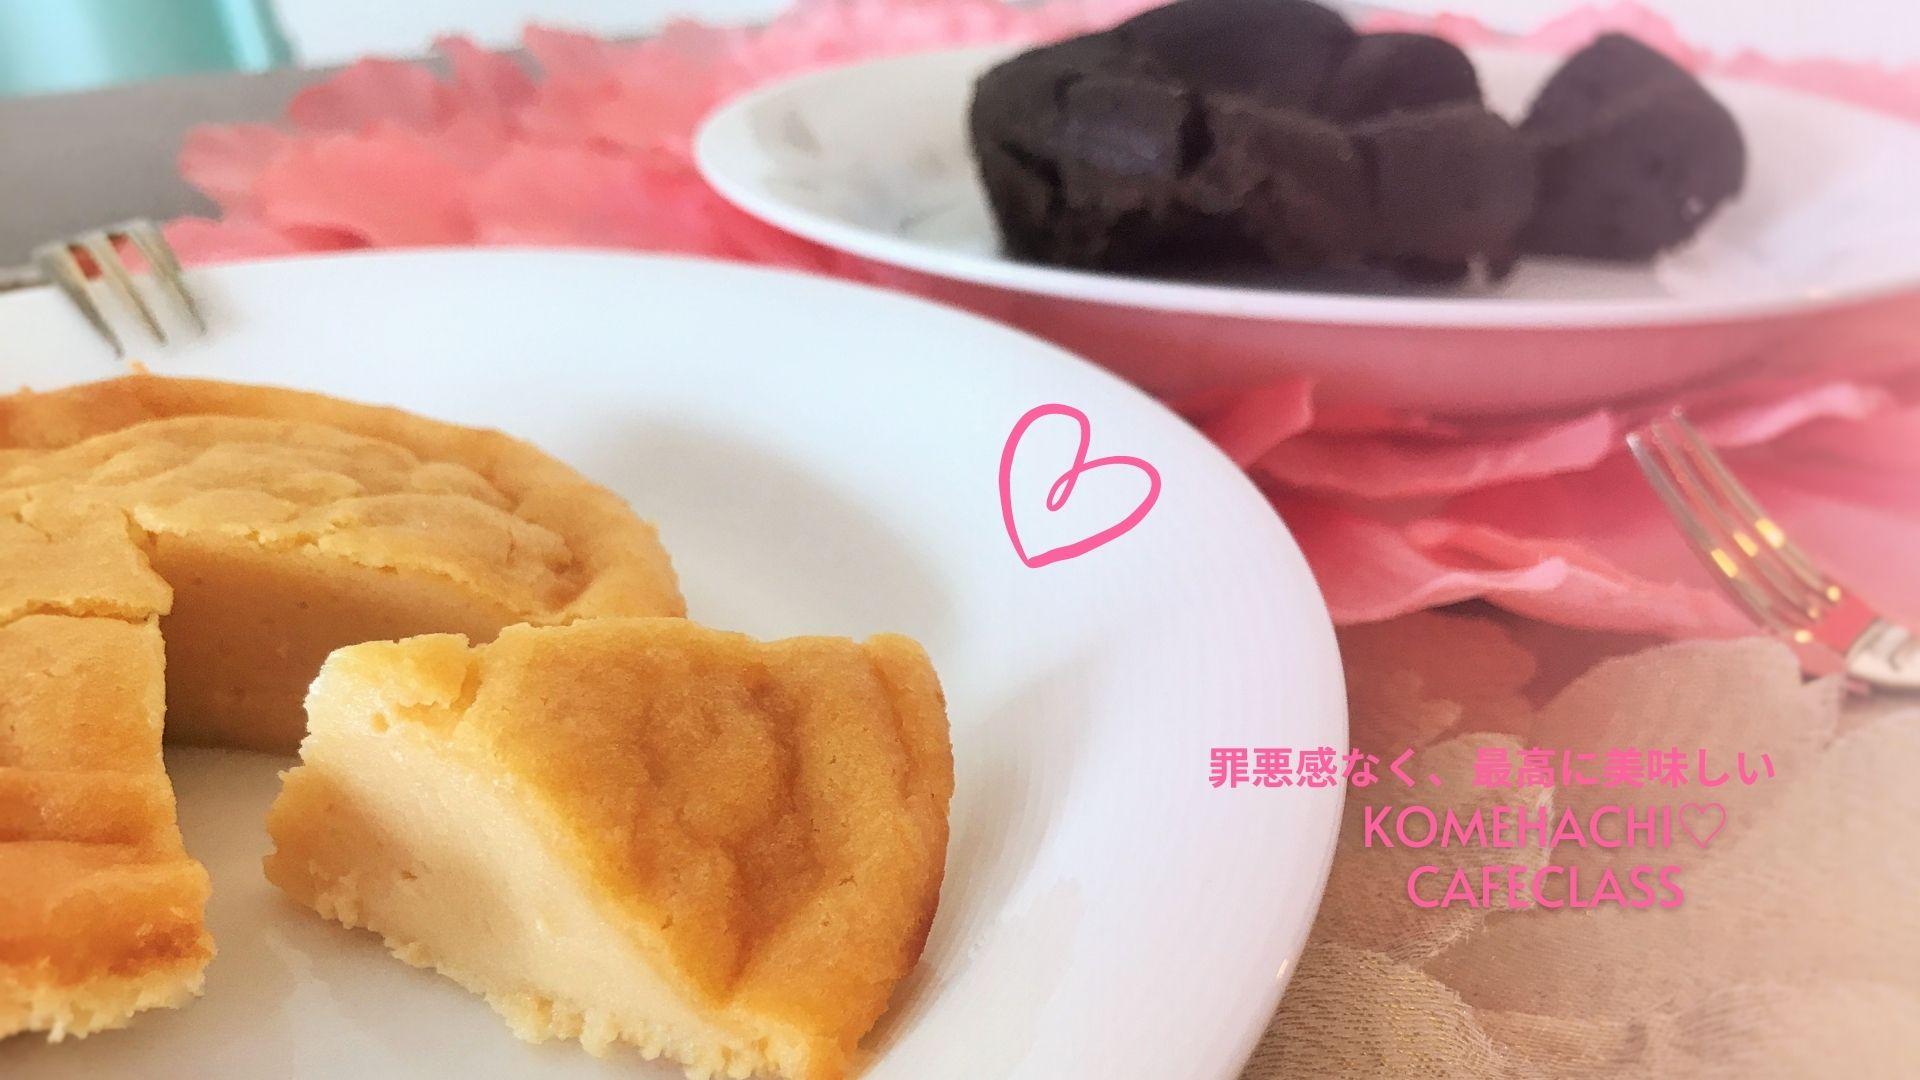 komehachi